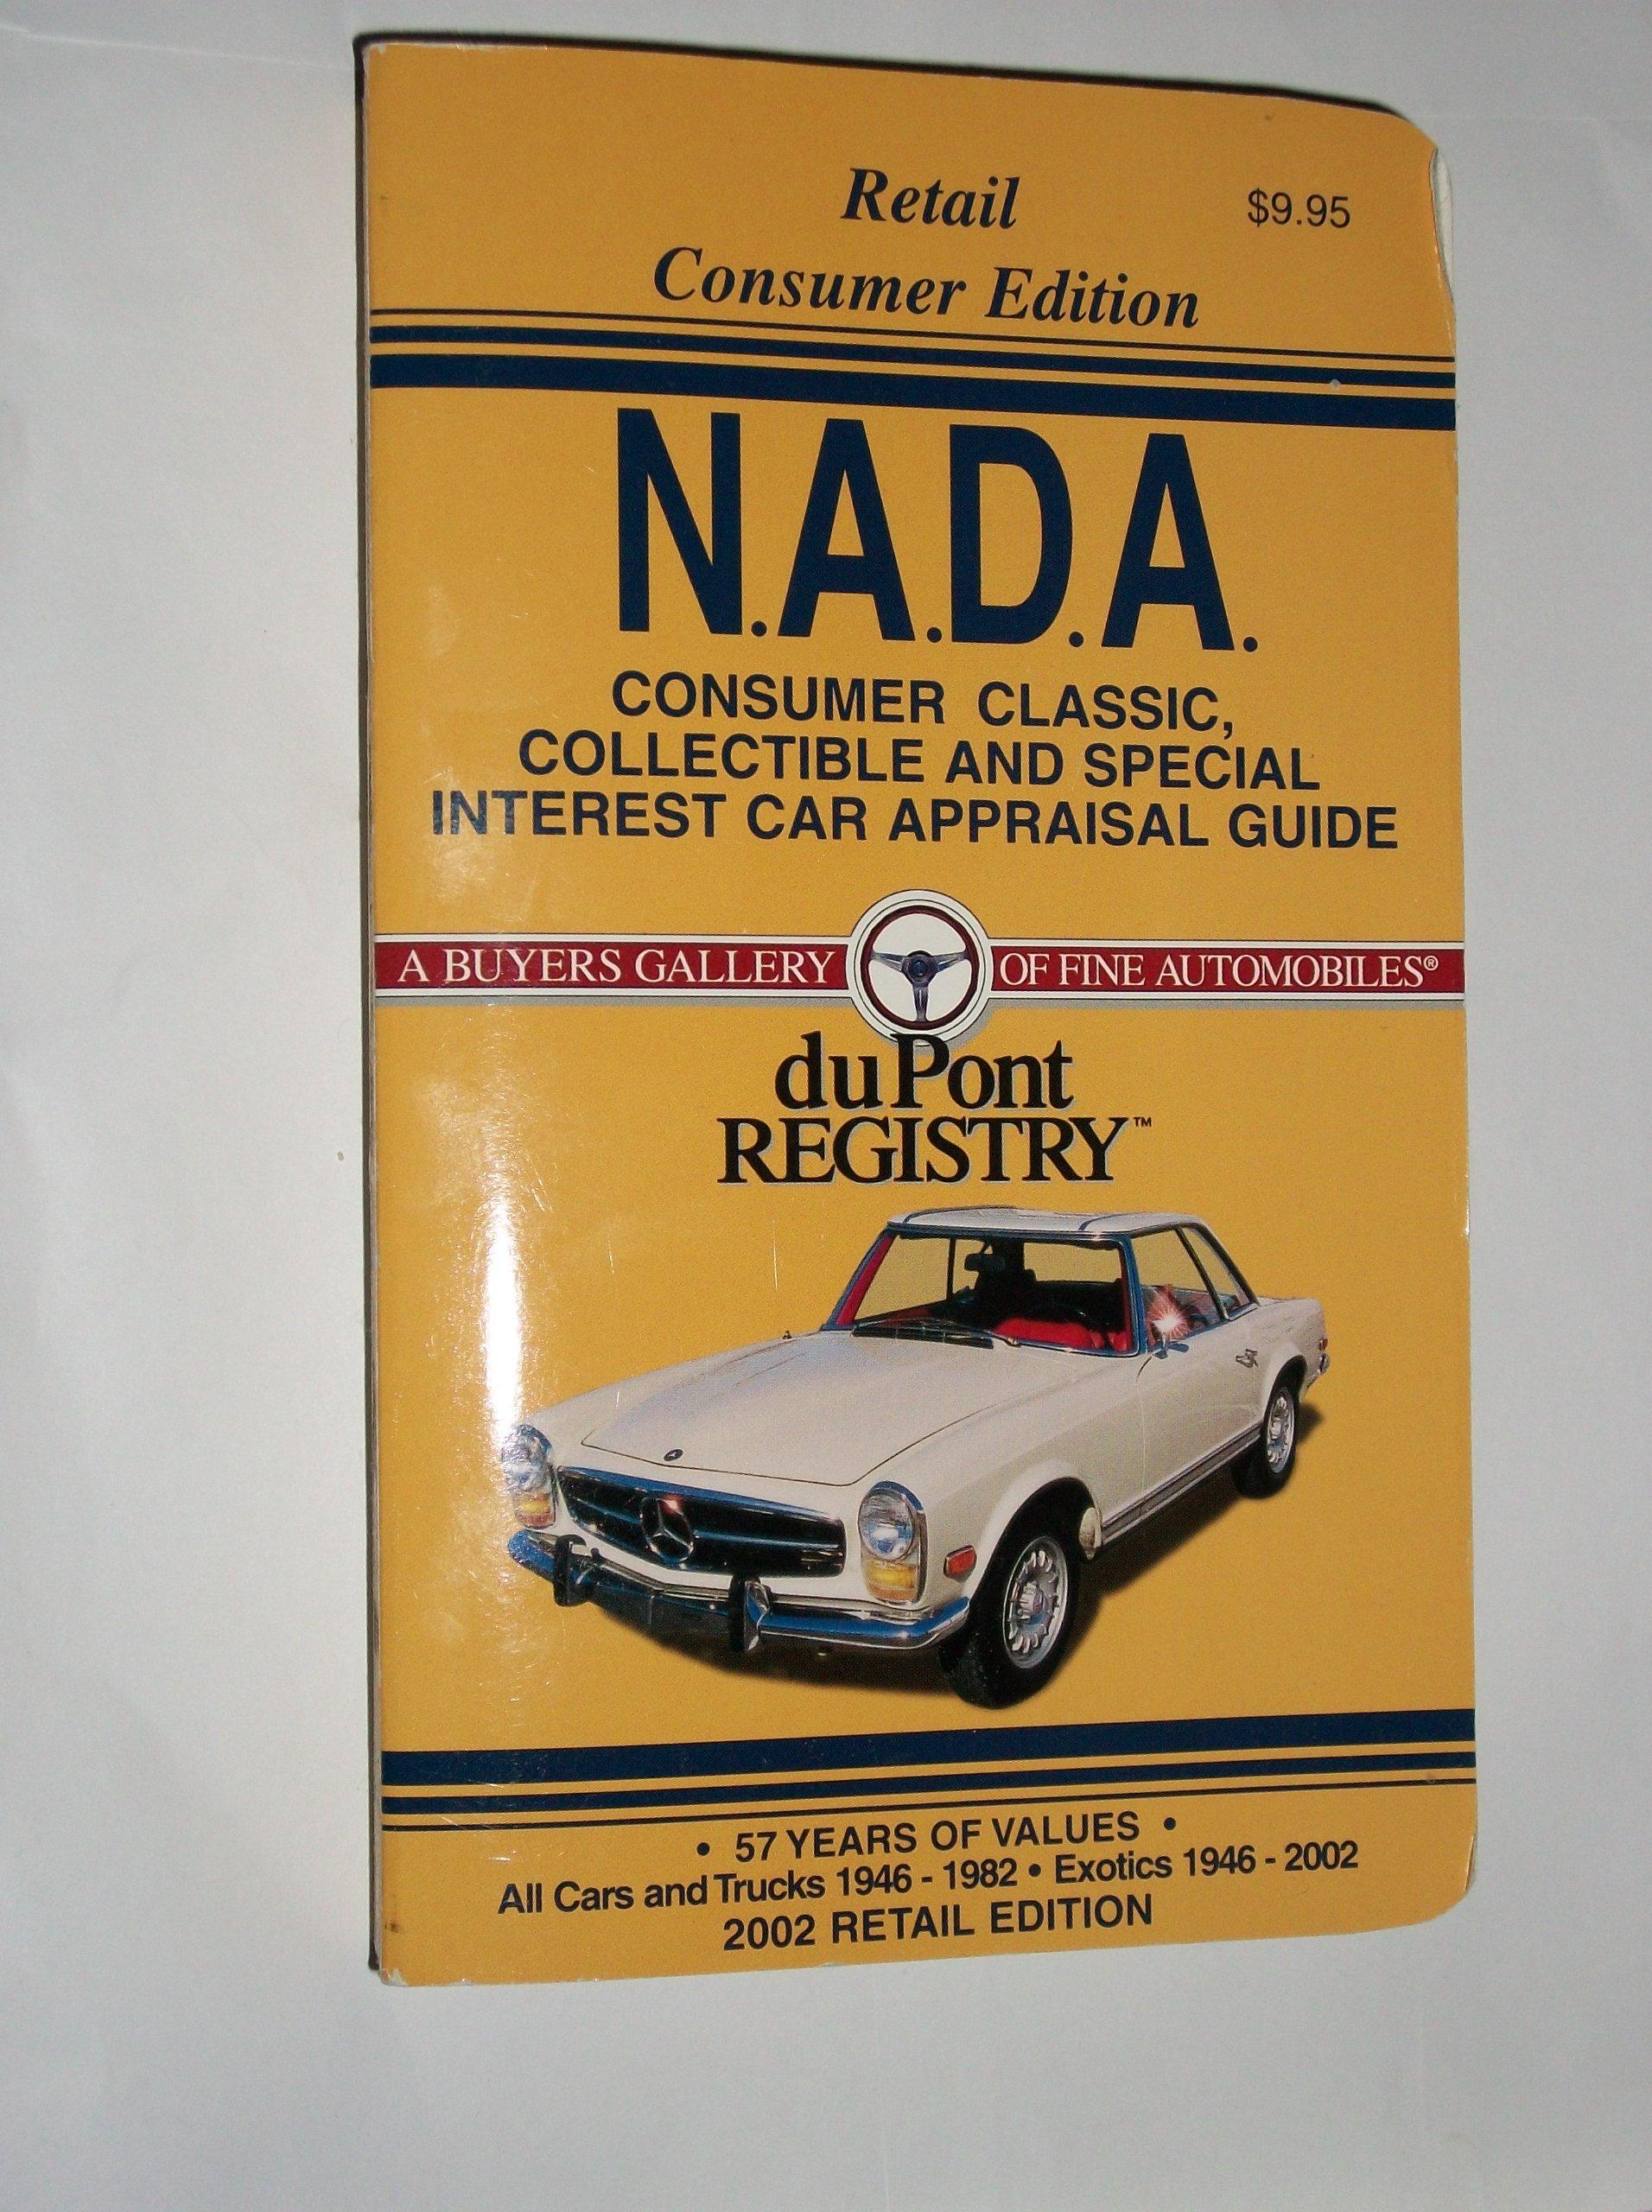 Nada Classic Car Value >> Nada Consumer Classic Car Appraisal Guide 2002 Nada Classic